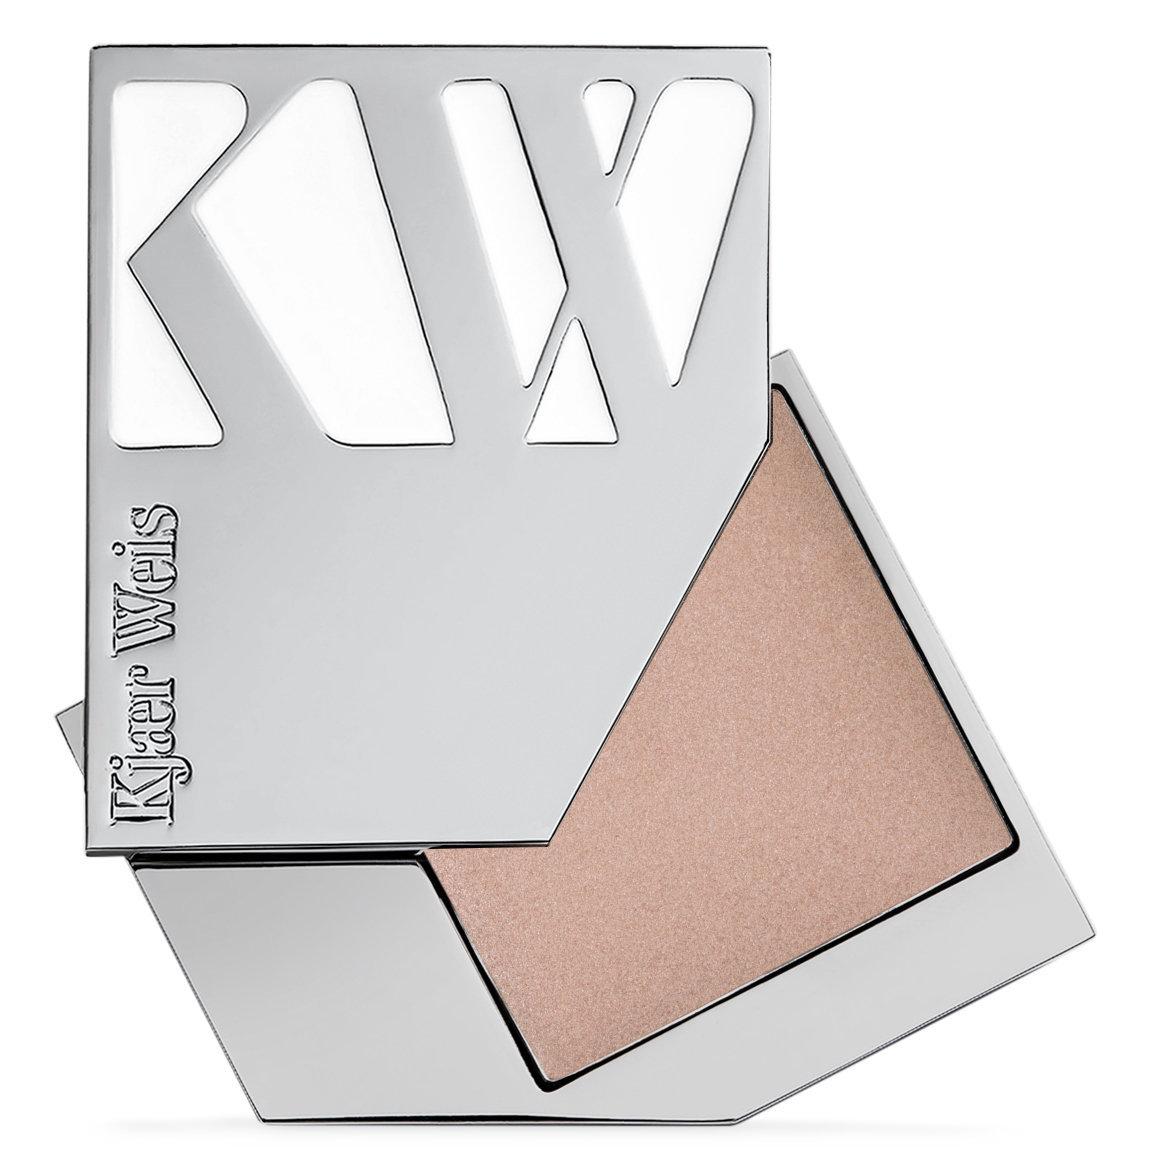 Kjaer Weis Cream Glow Radiance alternative view 1.